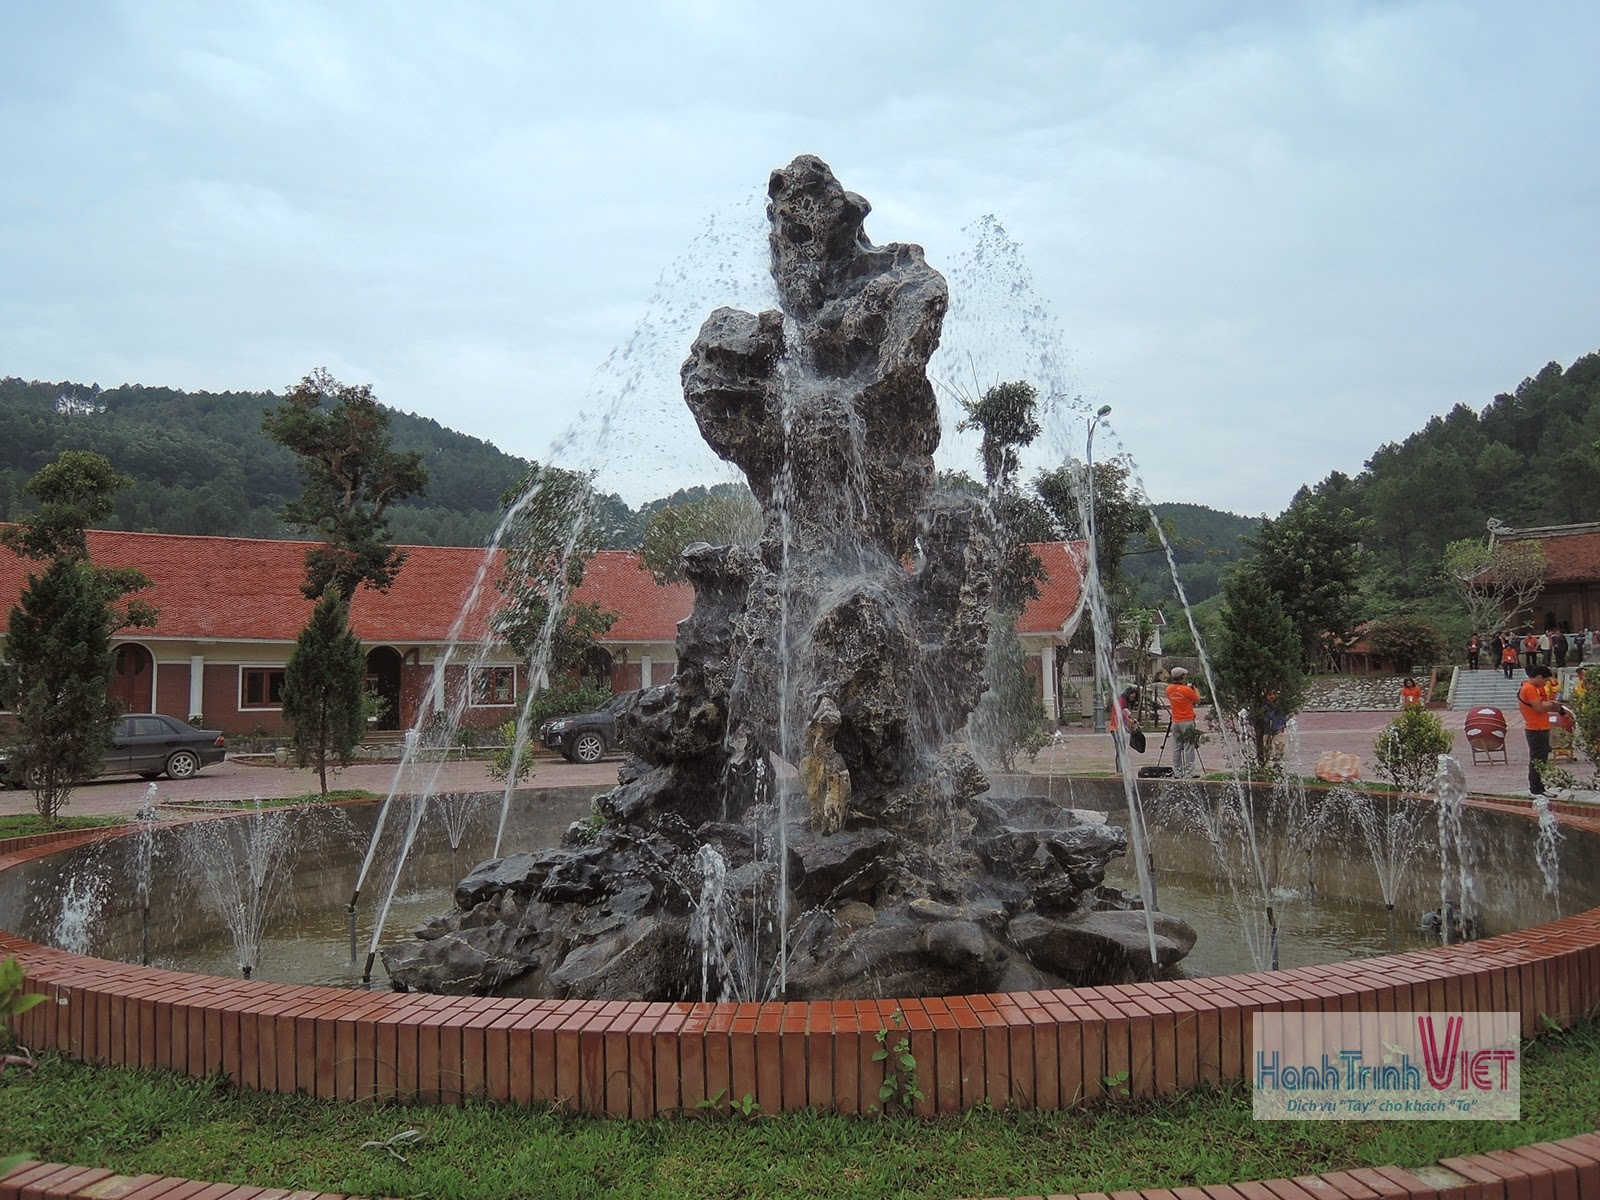 Tham quan khu du lịch sinh thái Hải Thượng ở Hà Tĩnh